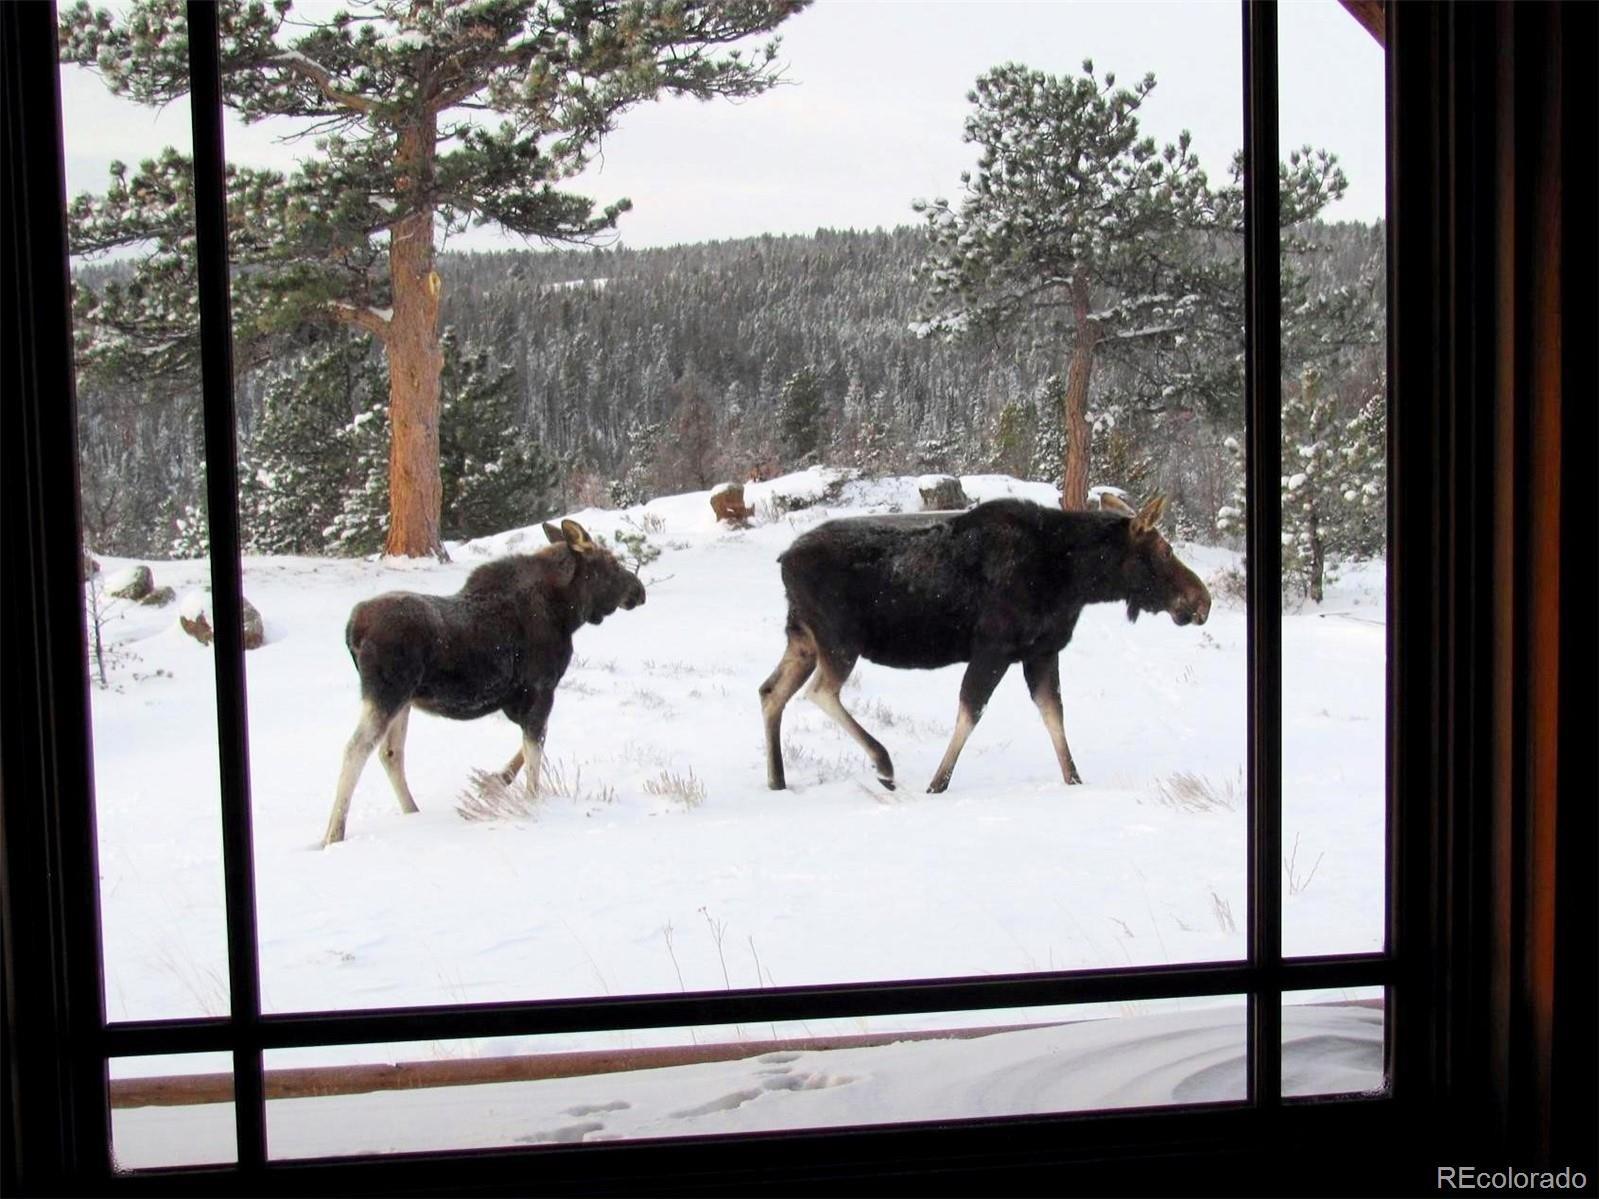 MLS# 7268441 - 11 - 376 Deer Crossing Rd , Tie Siding, WY 82084